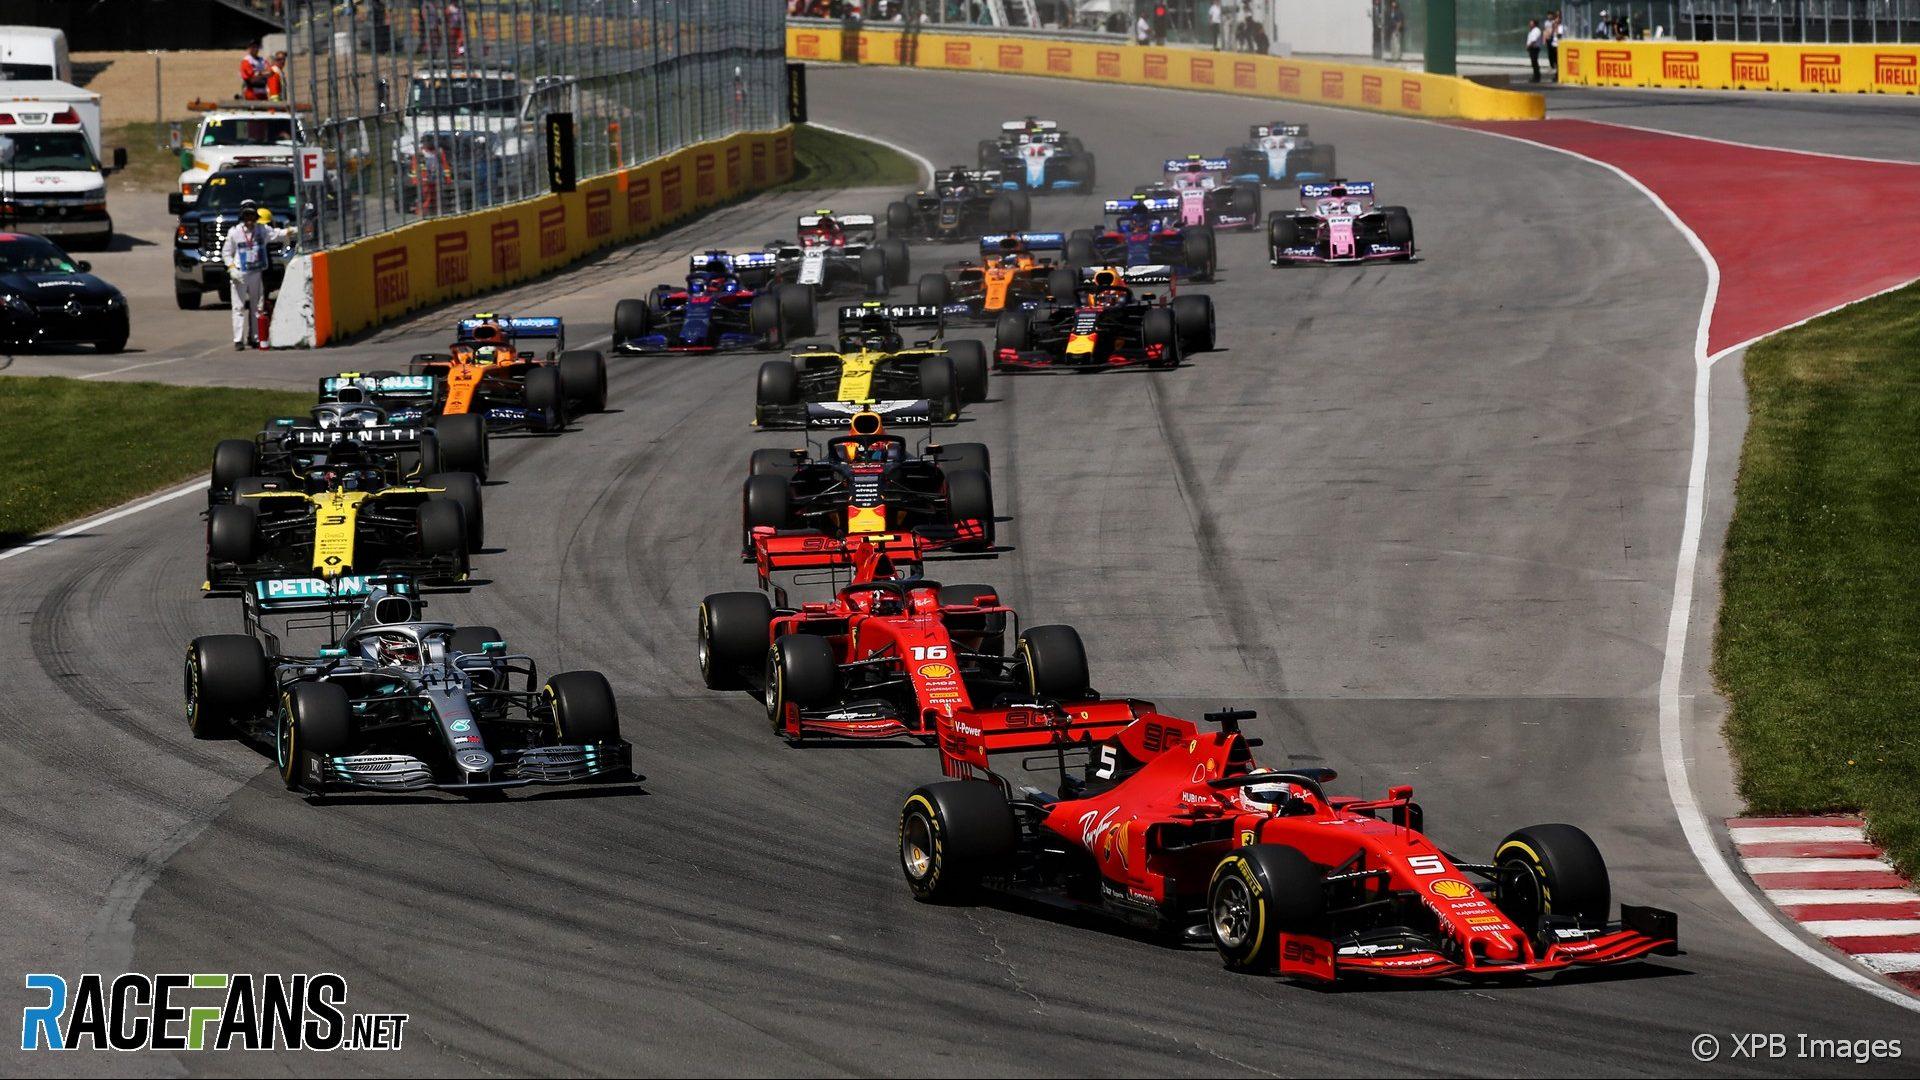 Salida, Circuito Gilles Villeneuve, 2019